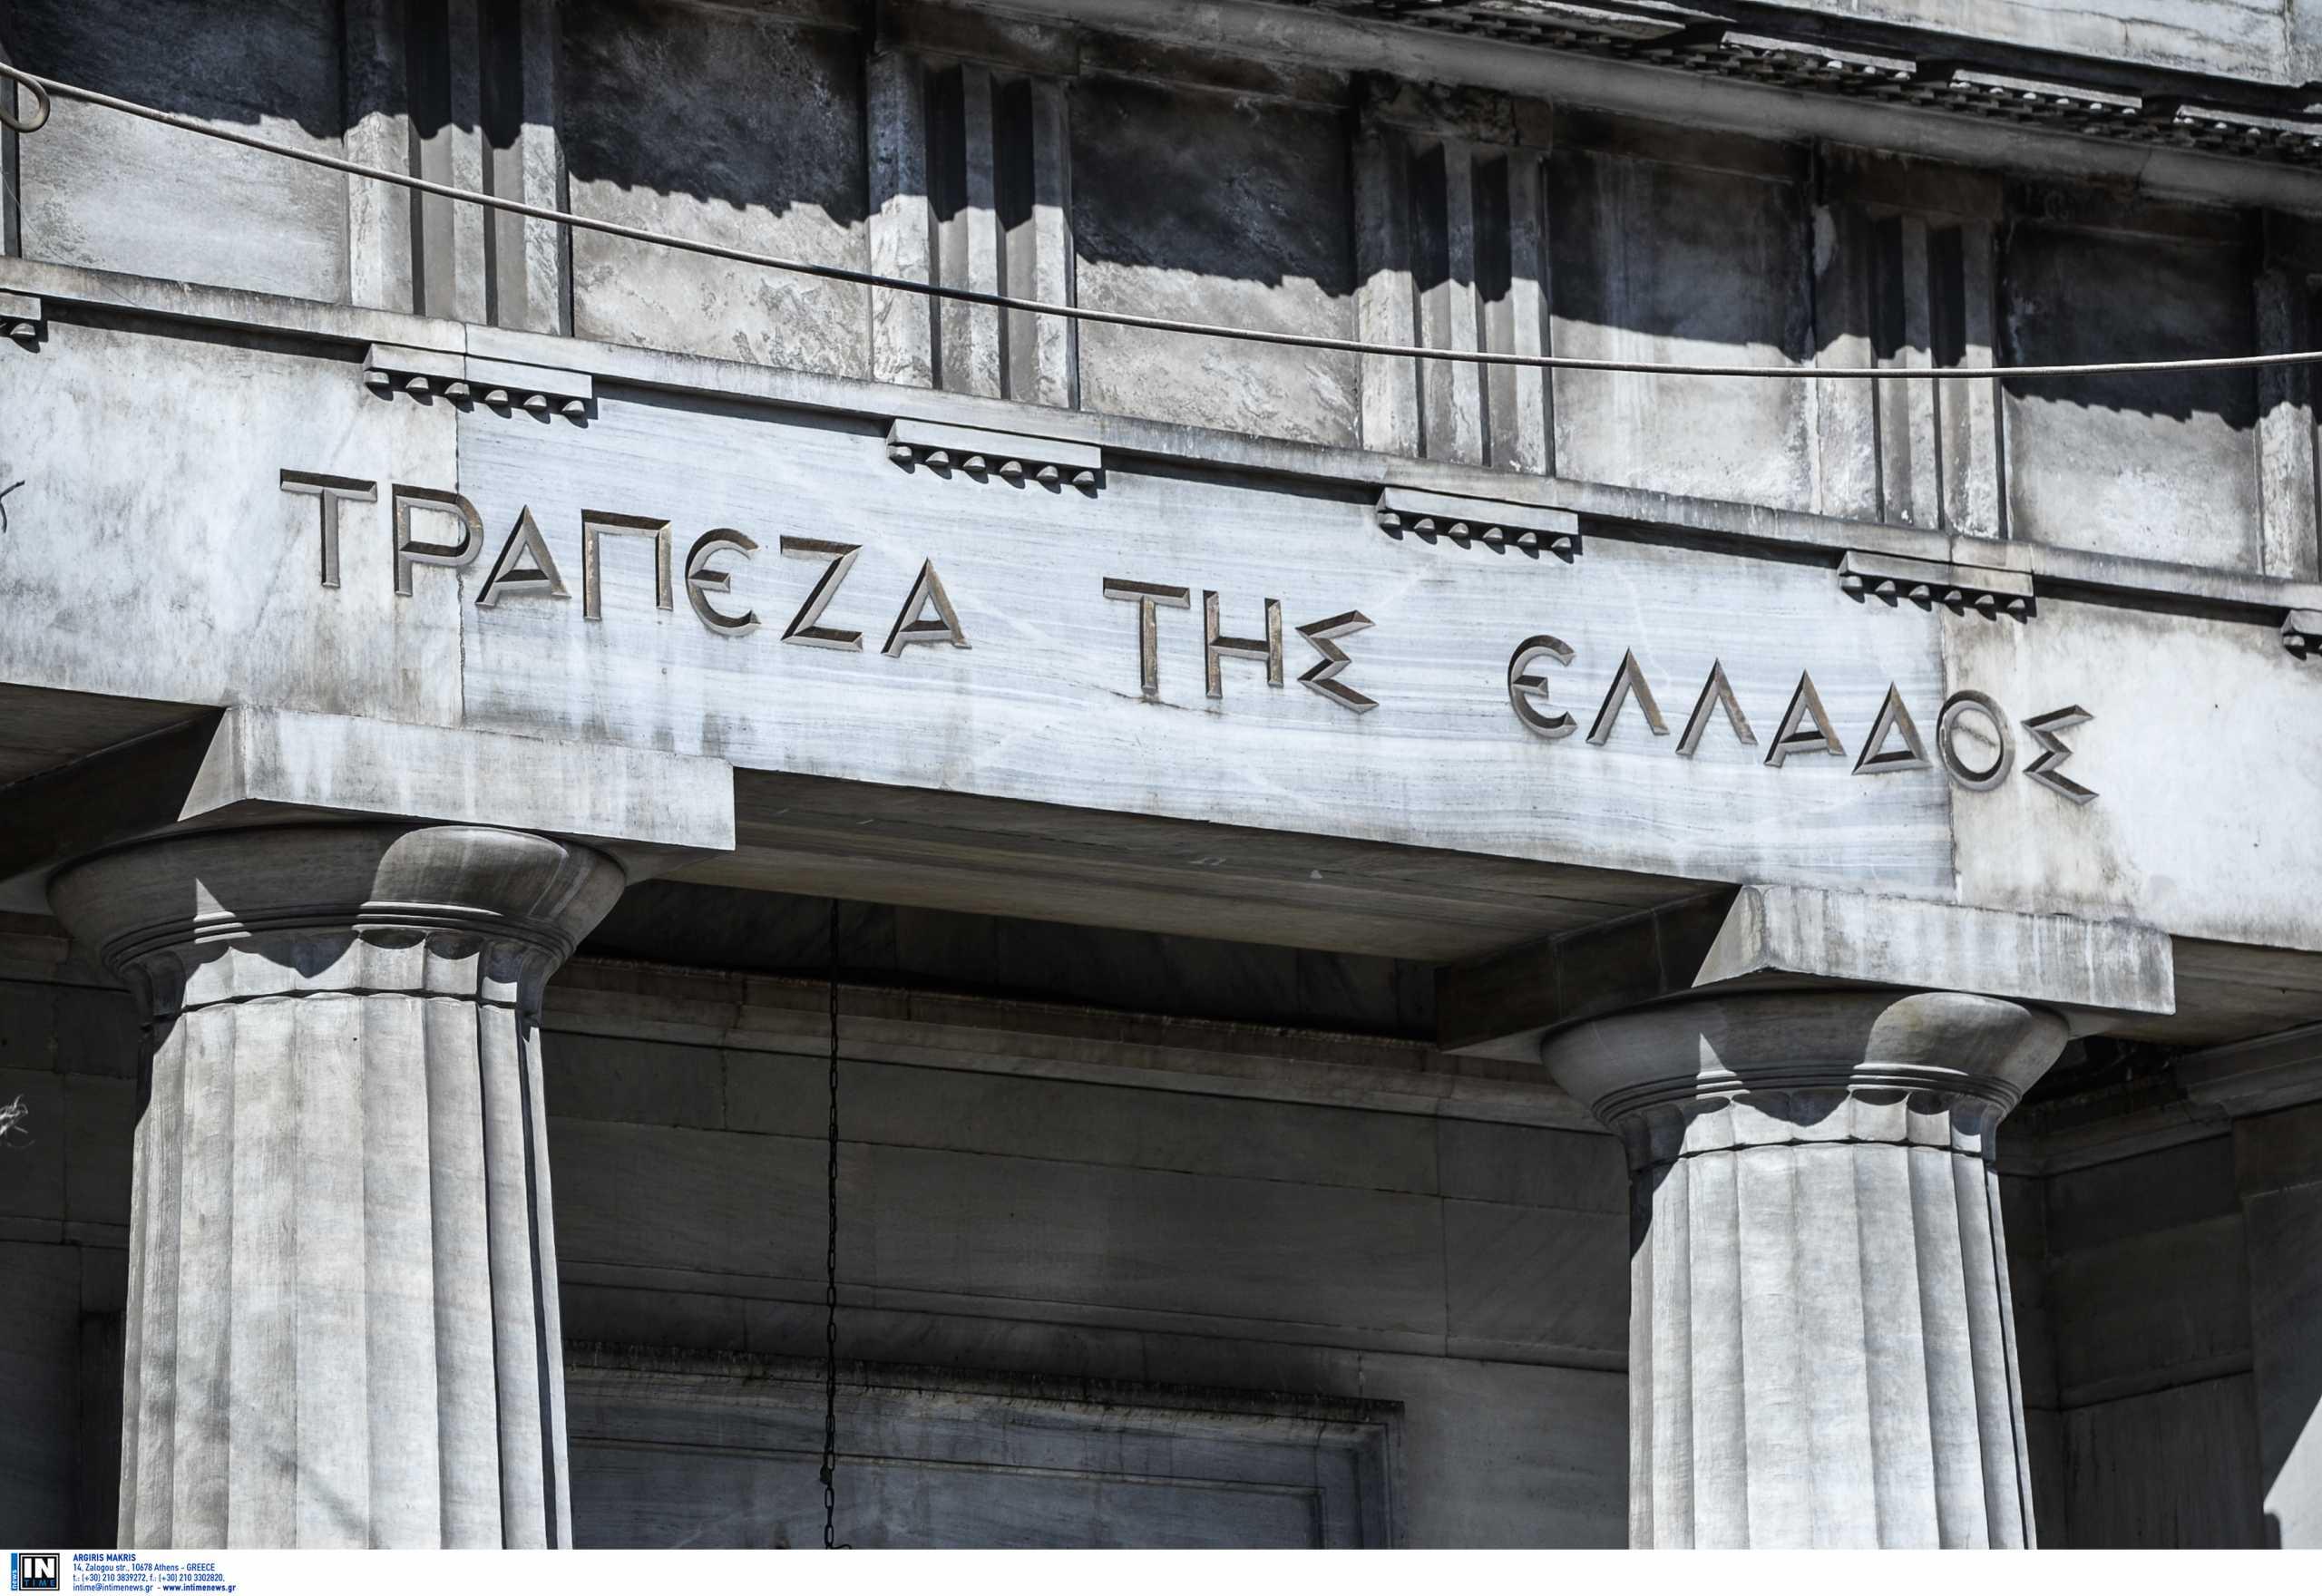 Τράπεζα της Ελλάδος: Αυξήθηκαν τον Ιούνιο δάνεια και καταθέσεις